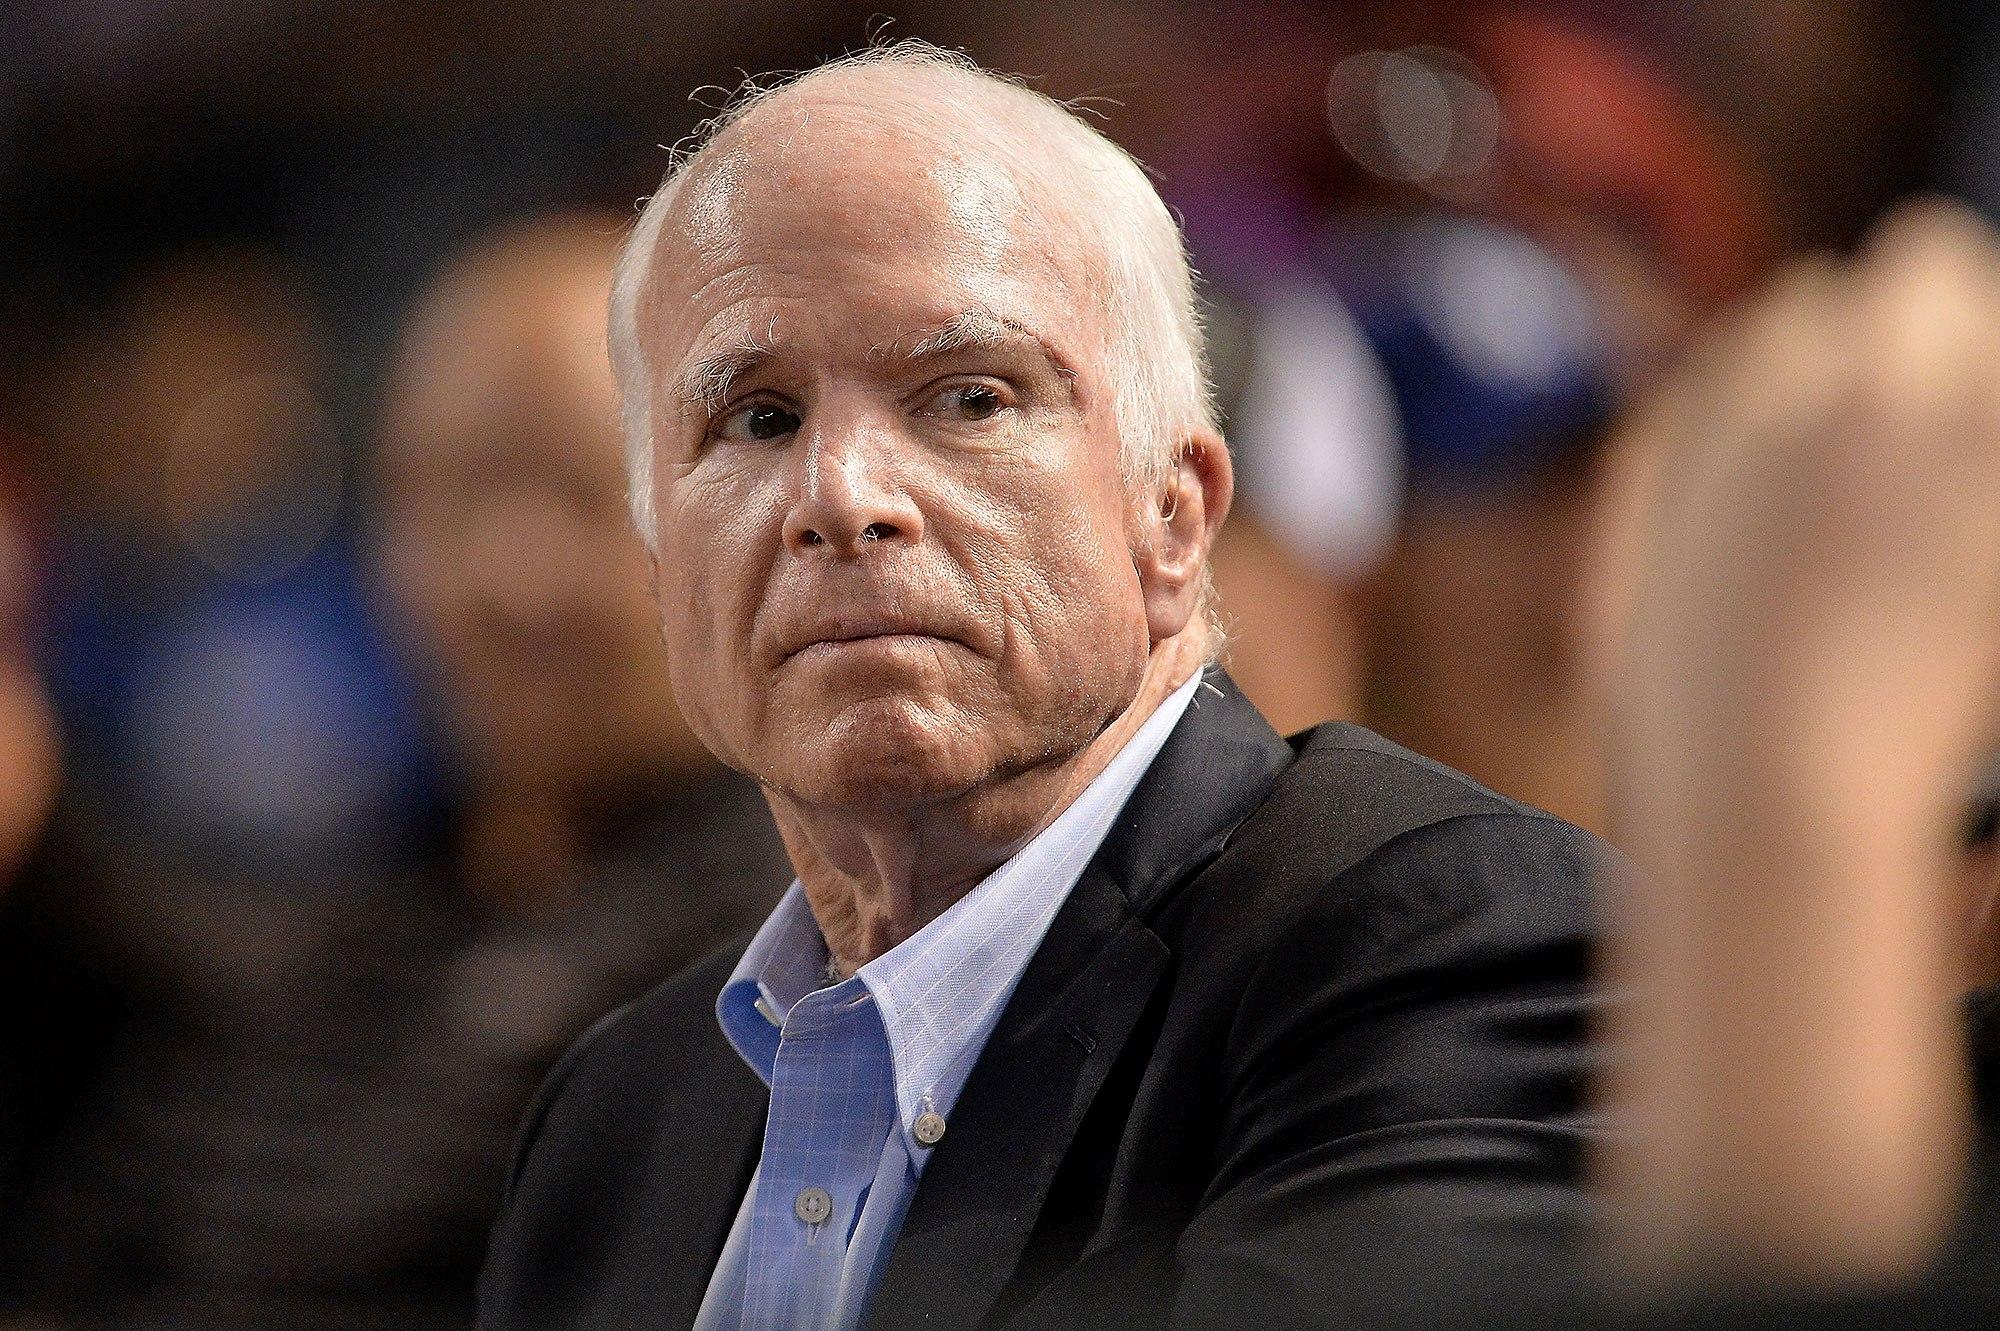 «Прощай, друг!» — умер сенатор Маккейн.